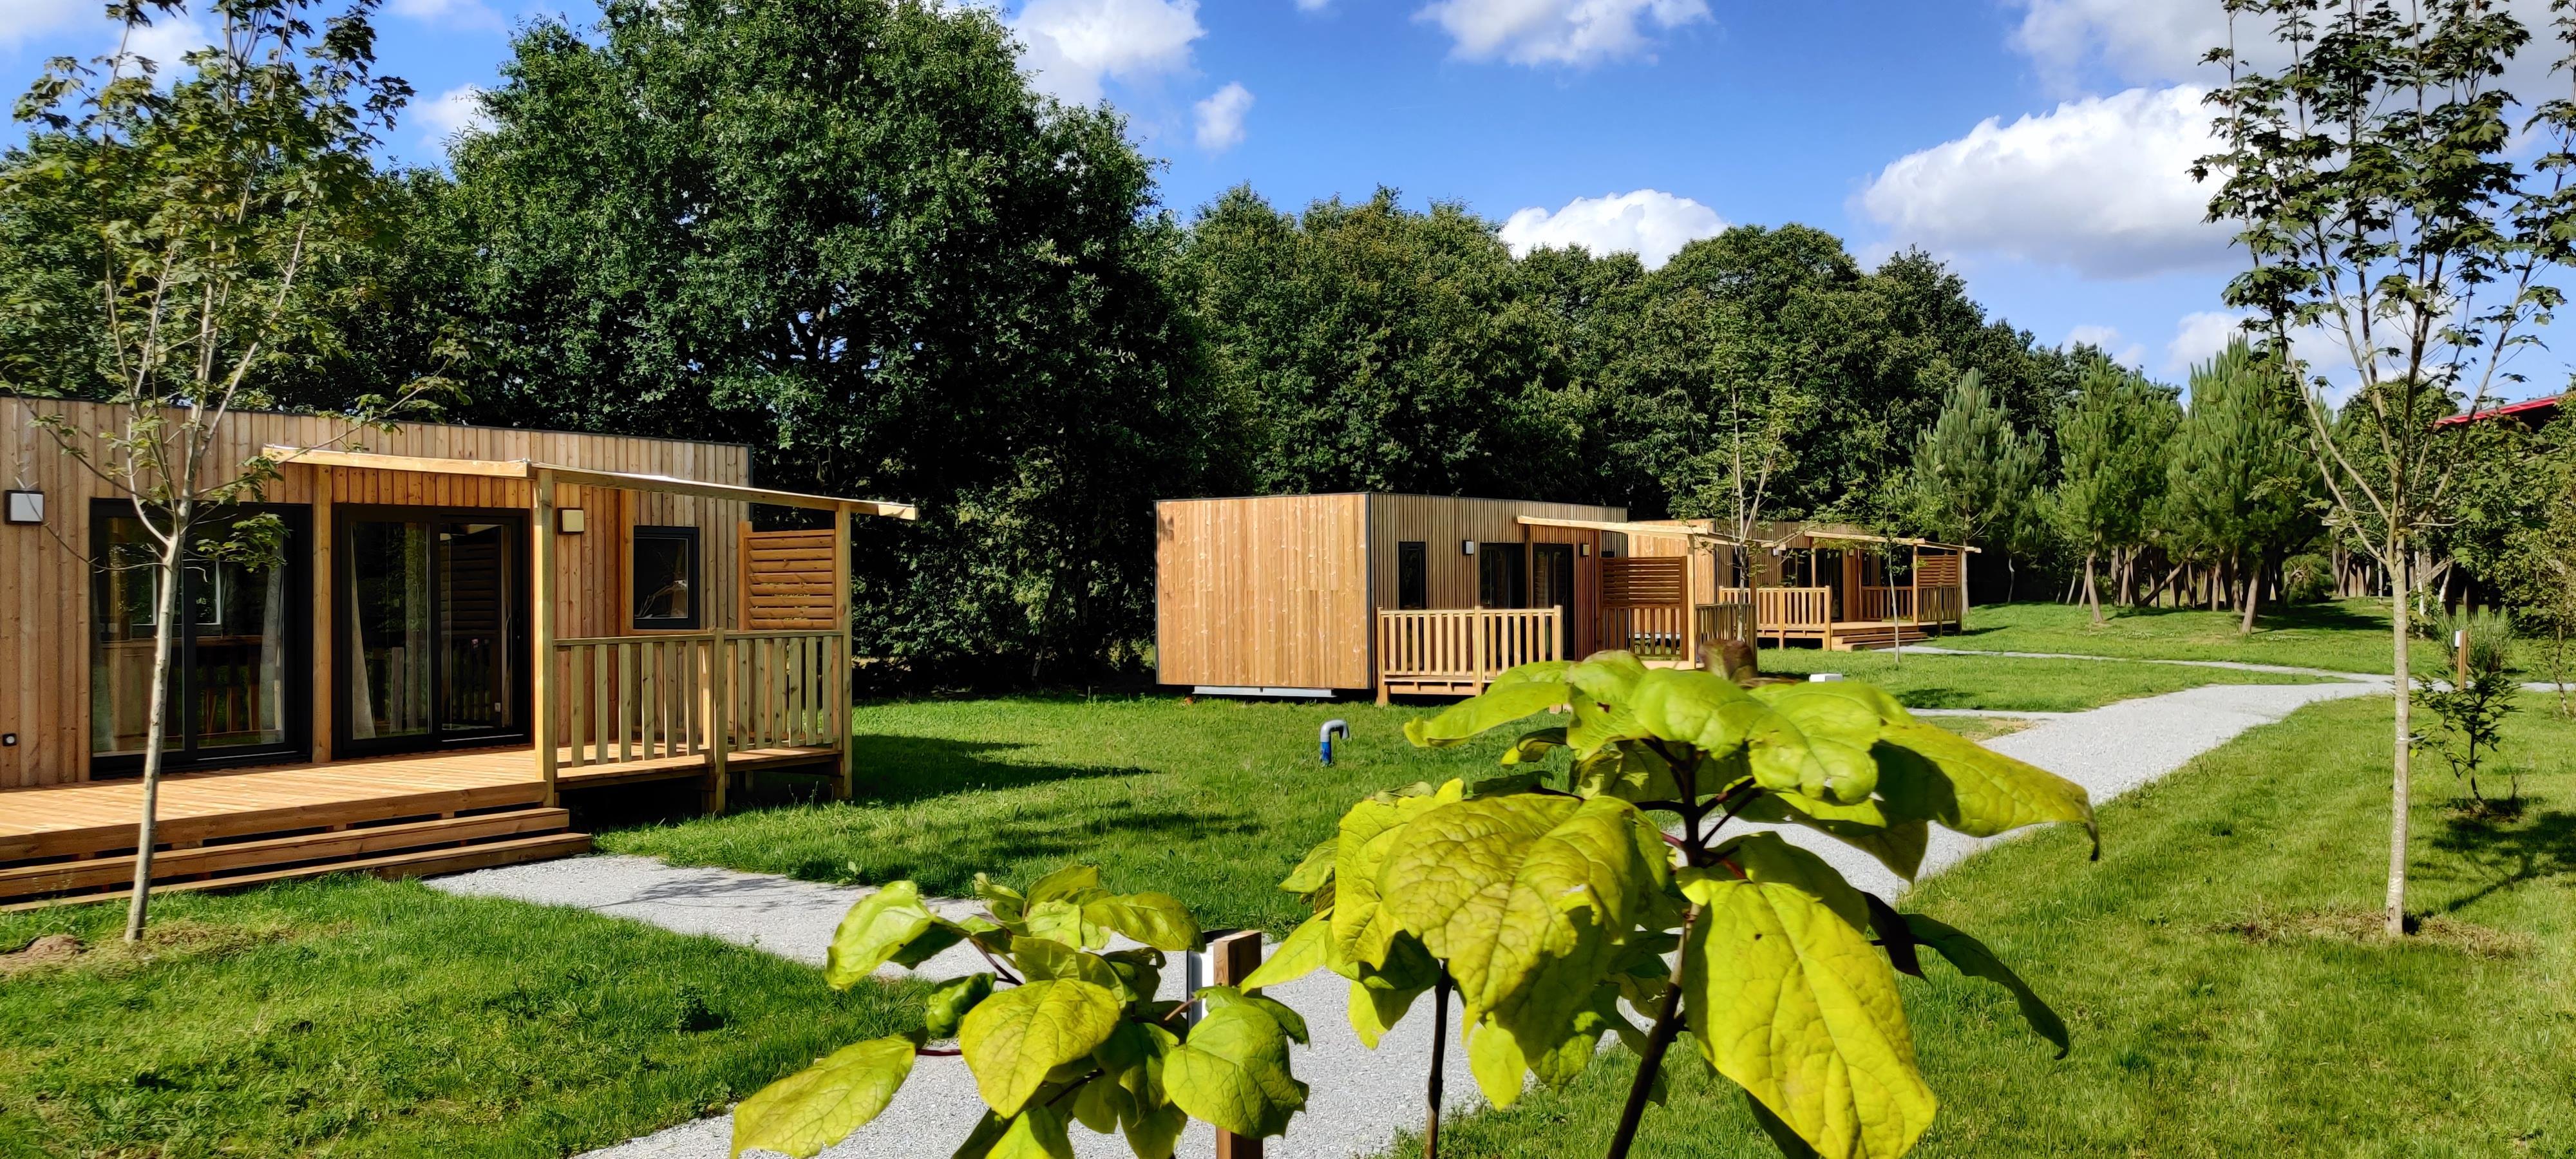 Breizh Home nouveauté 2021 (3 chambres) 35 m² + terrasse 24m².